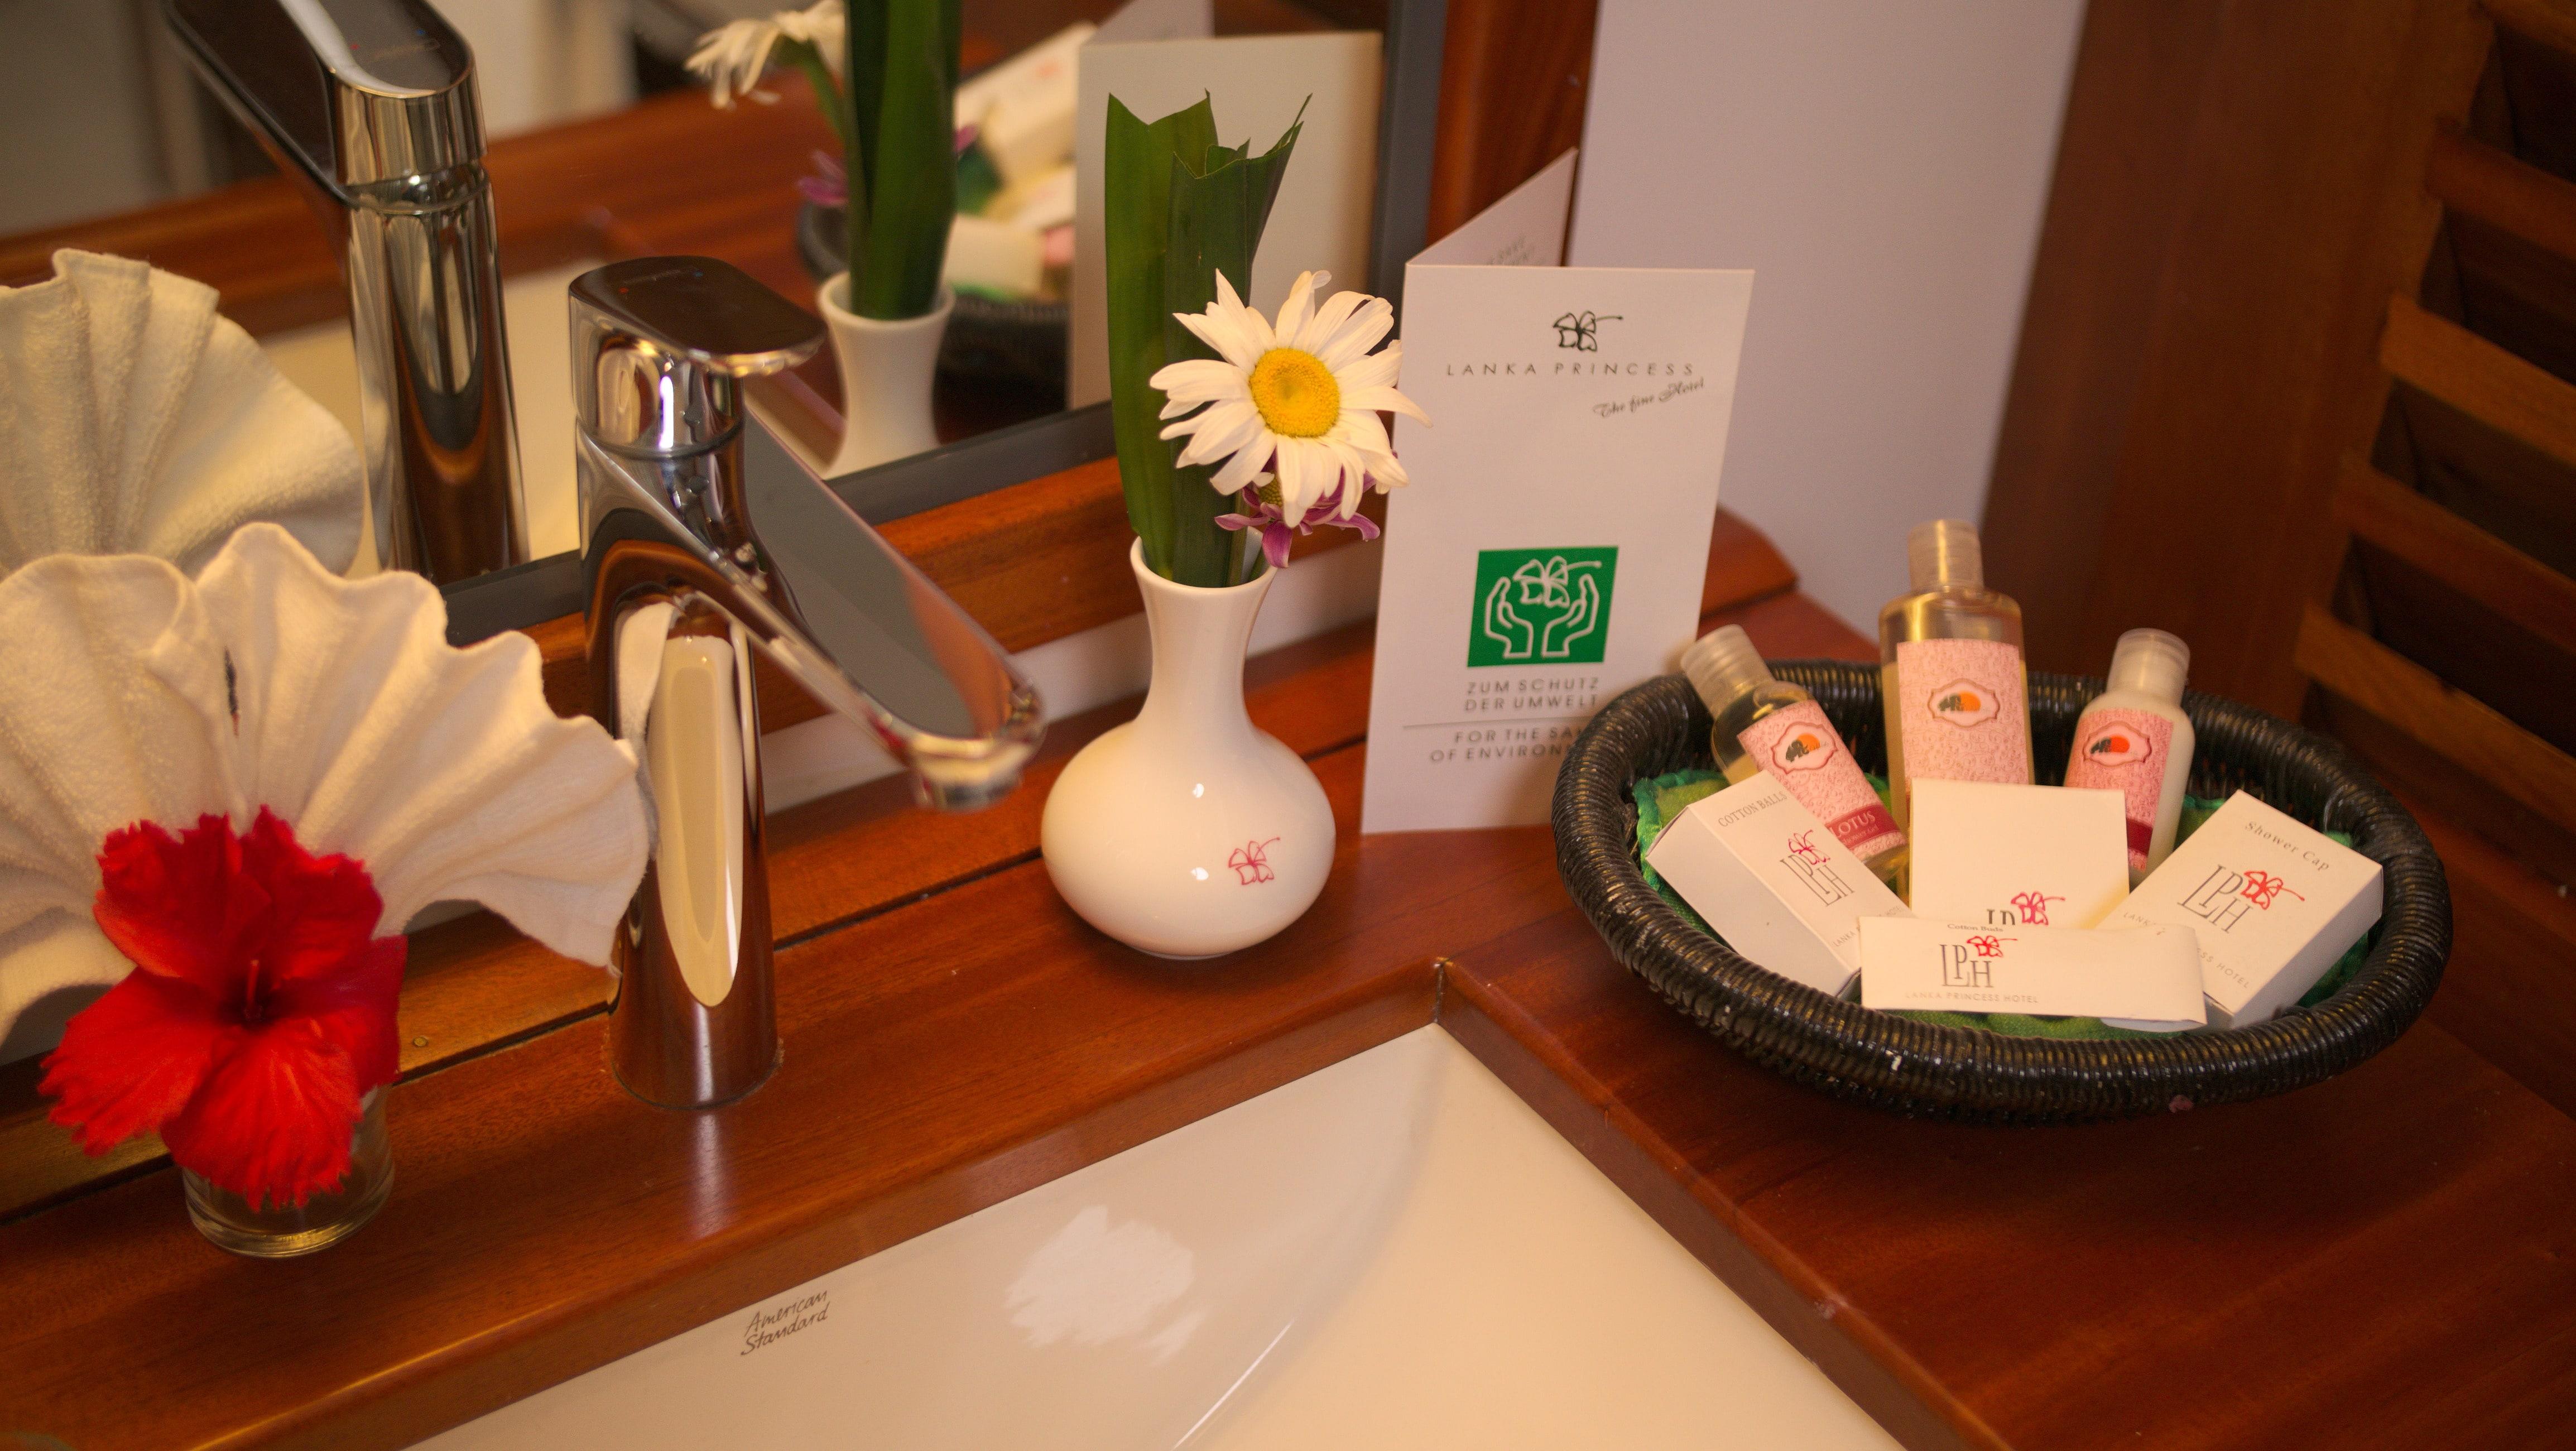 Suite Superior Plus im Ayurveda Hotel Lanka Princess, unter deutscher Leitung, Sri Lanka